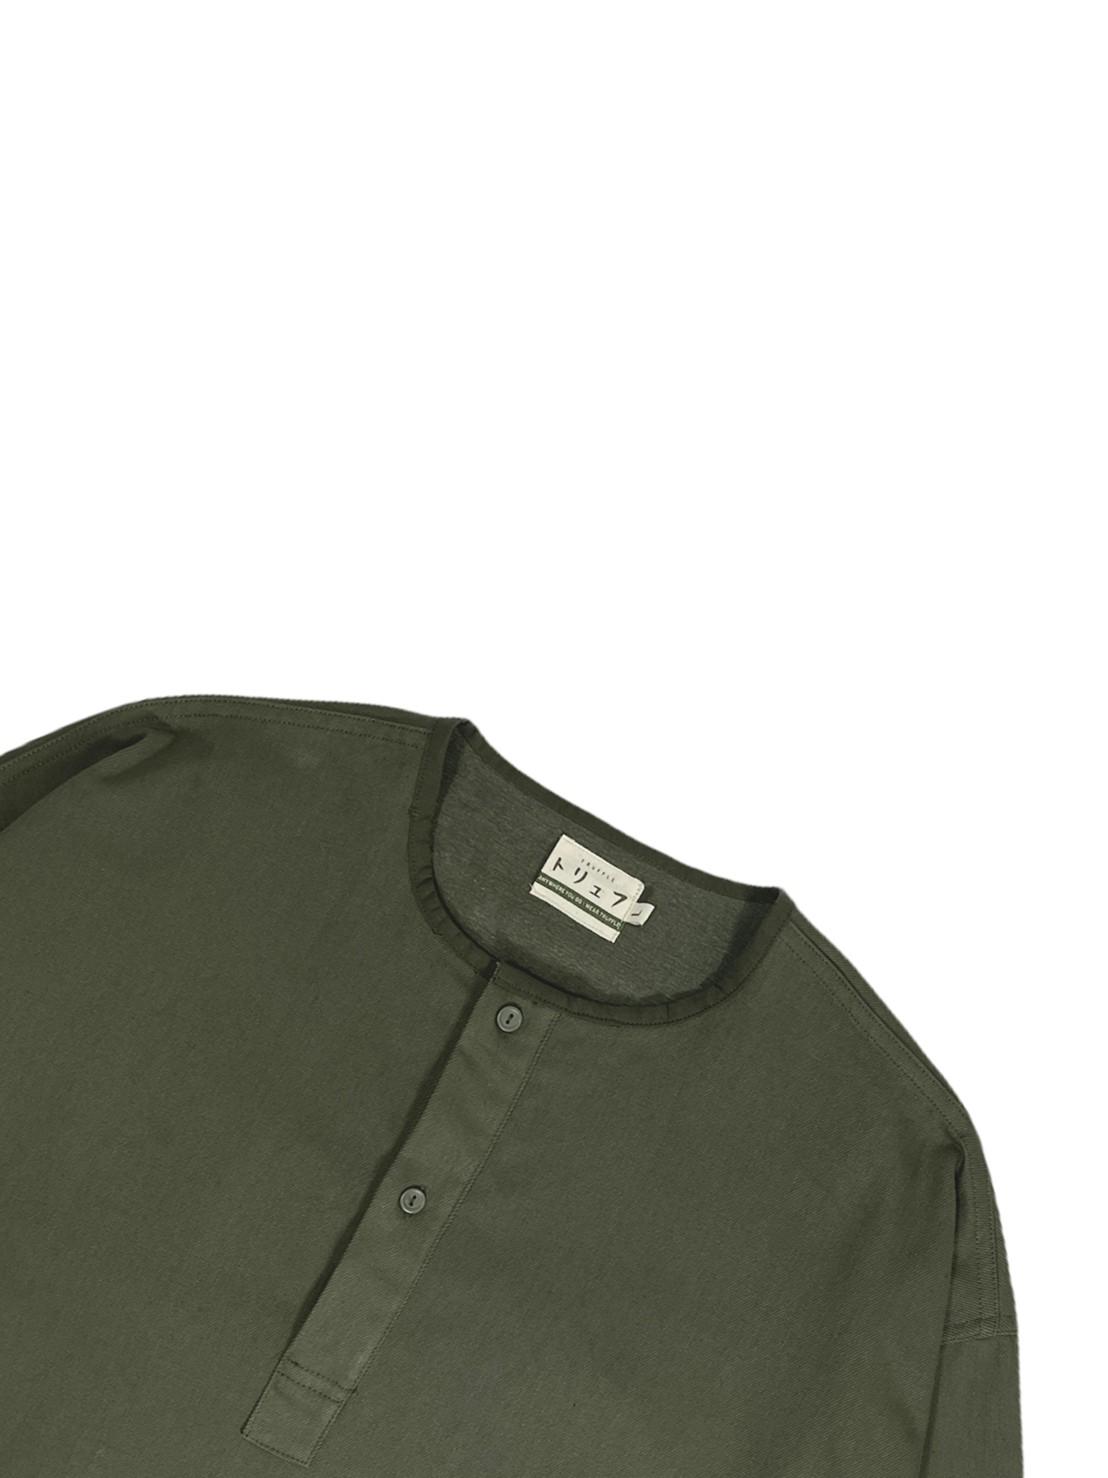 Relax Shirt (Green)